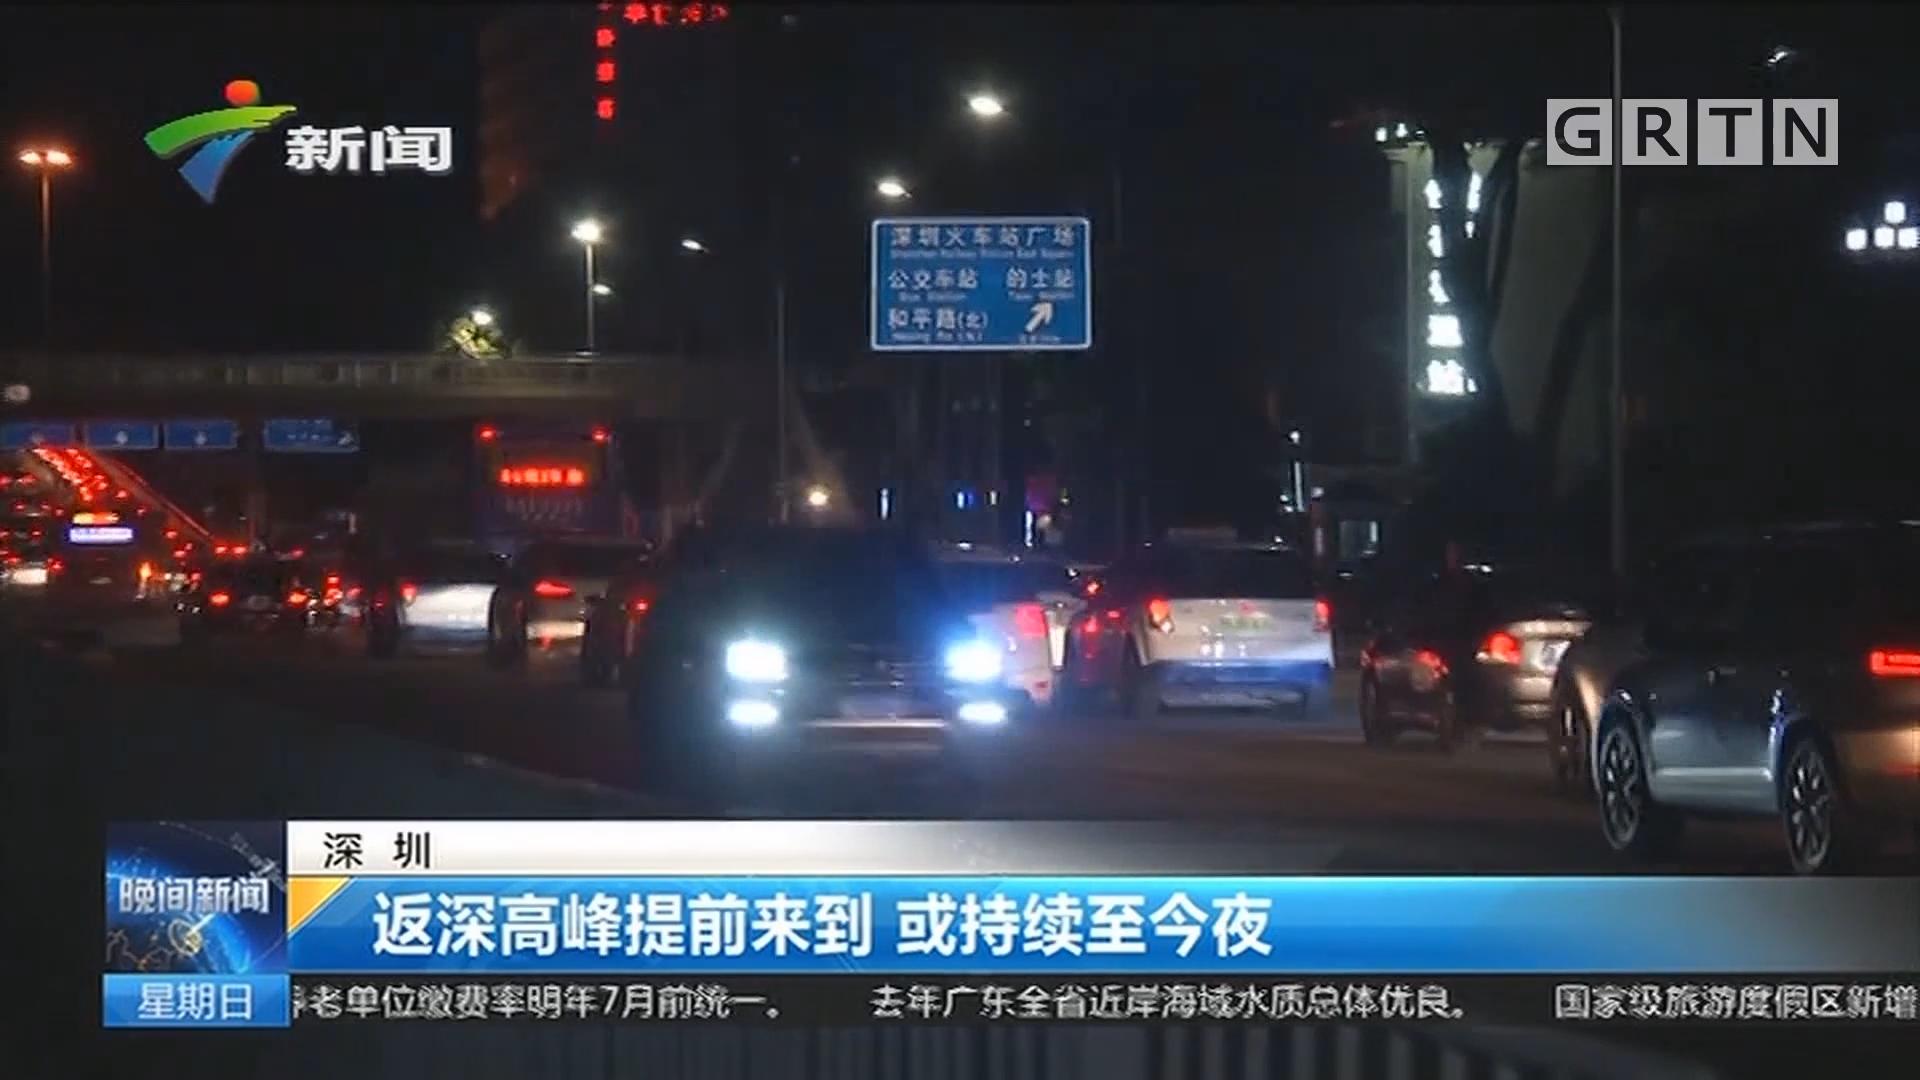 深圳:返深高峰提前来到 或持续至今夜